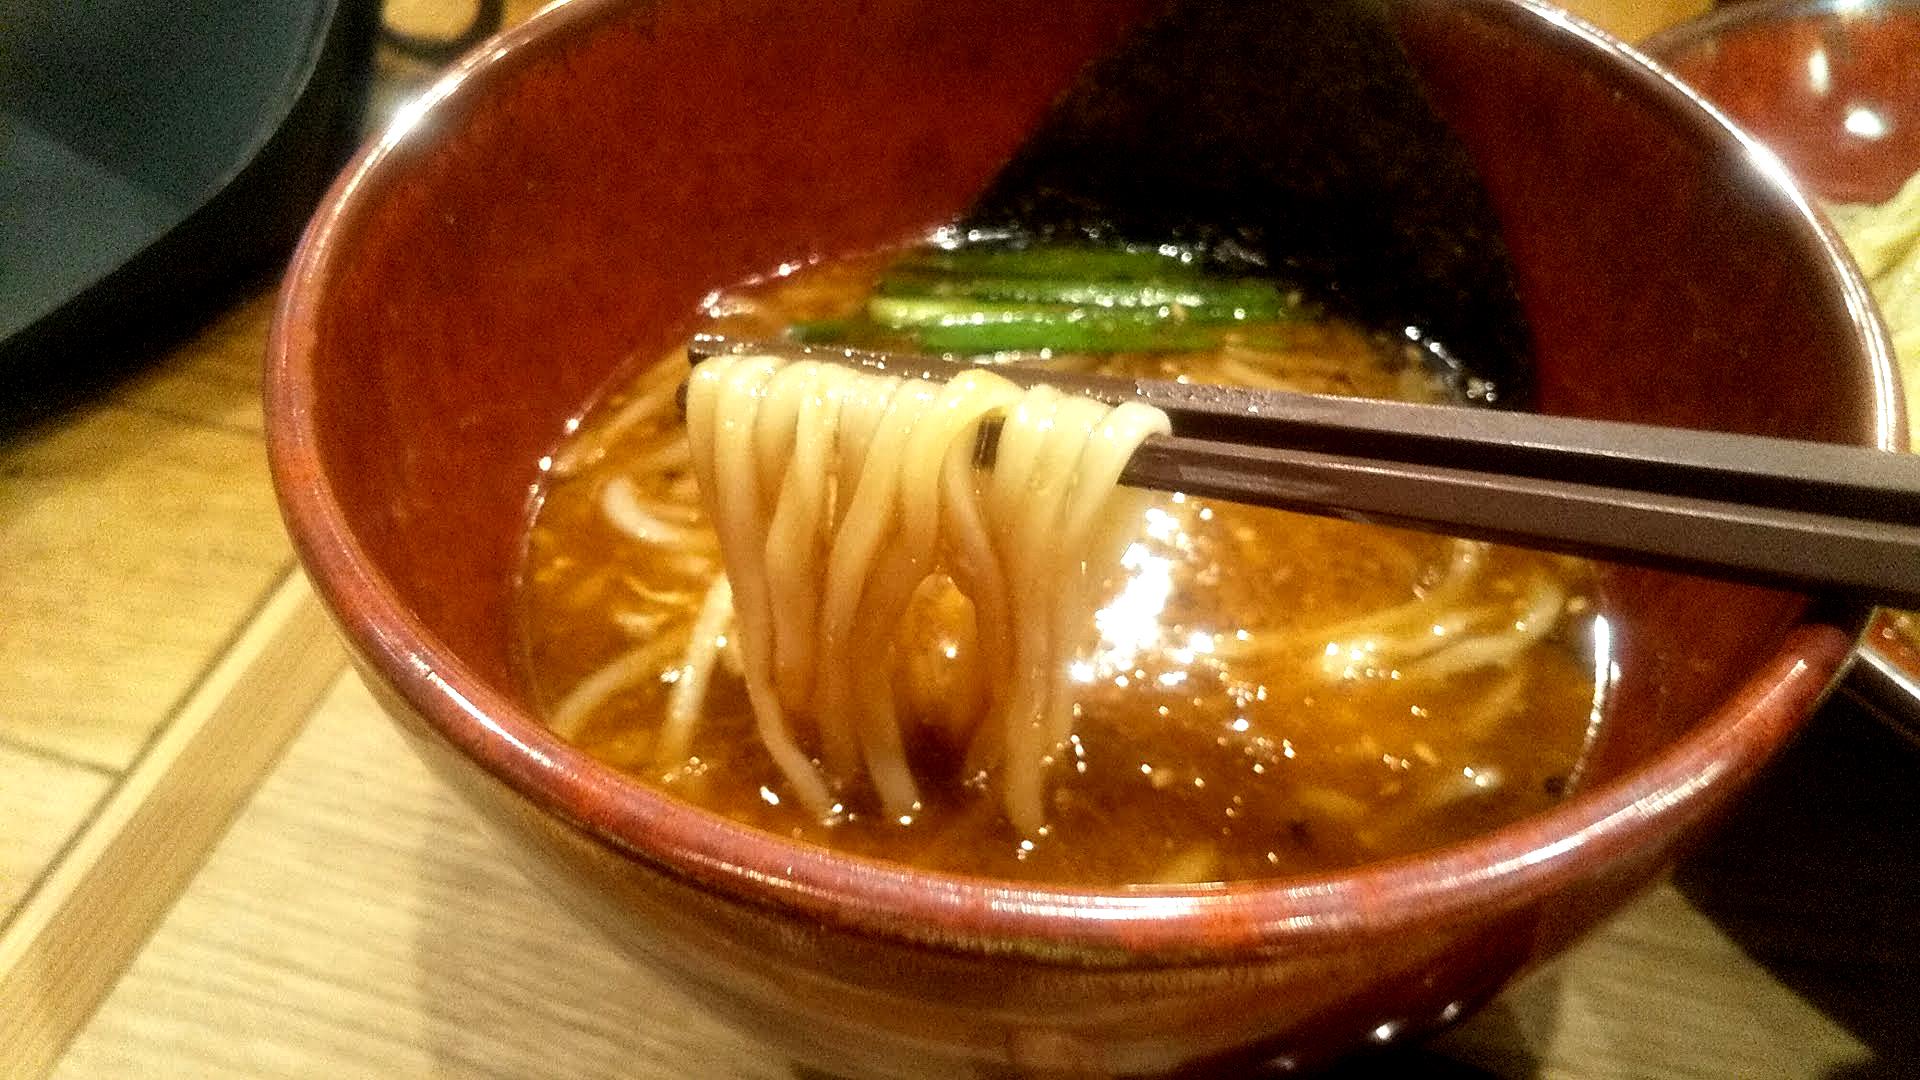 味噌らーめん柿田川ひばりの味噌の昆布水つけ麺の麺リフト写真